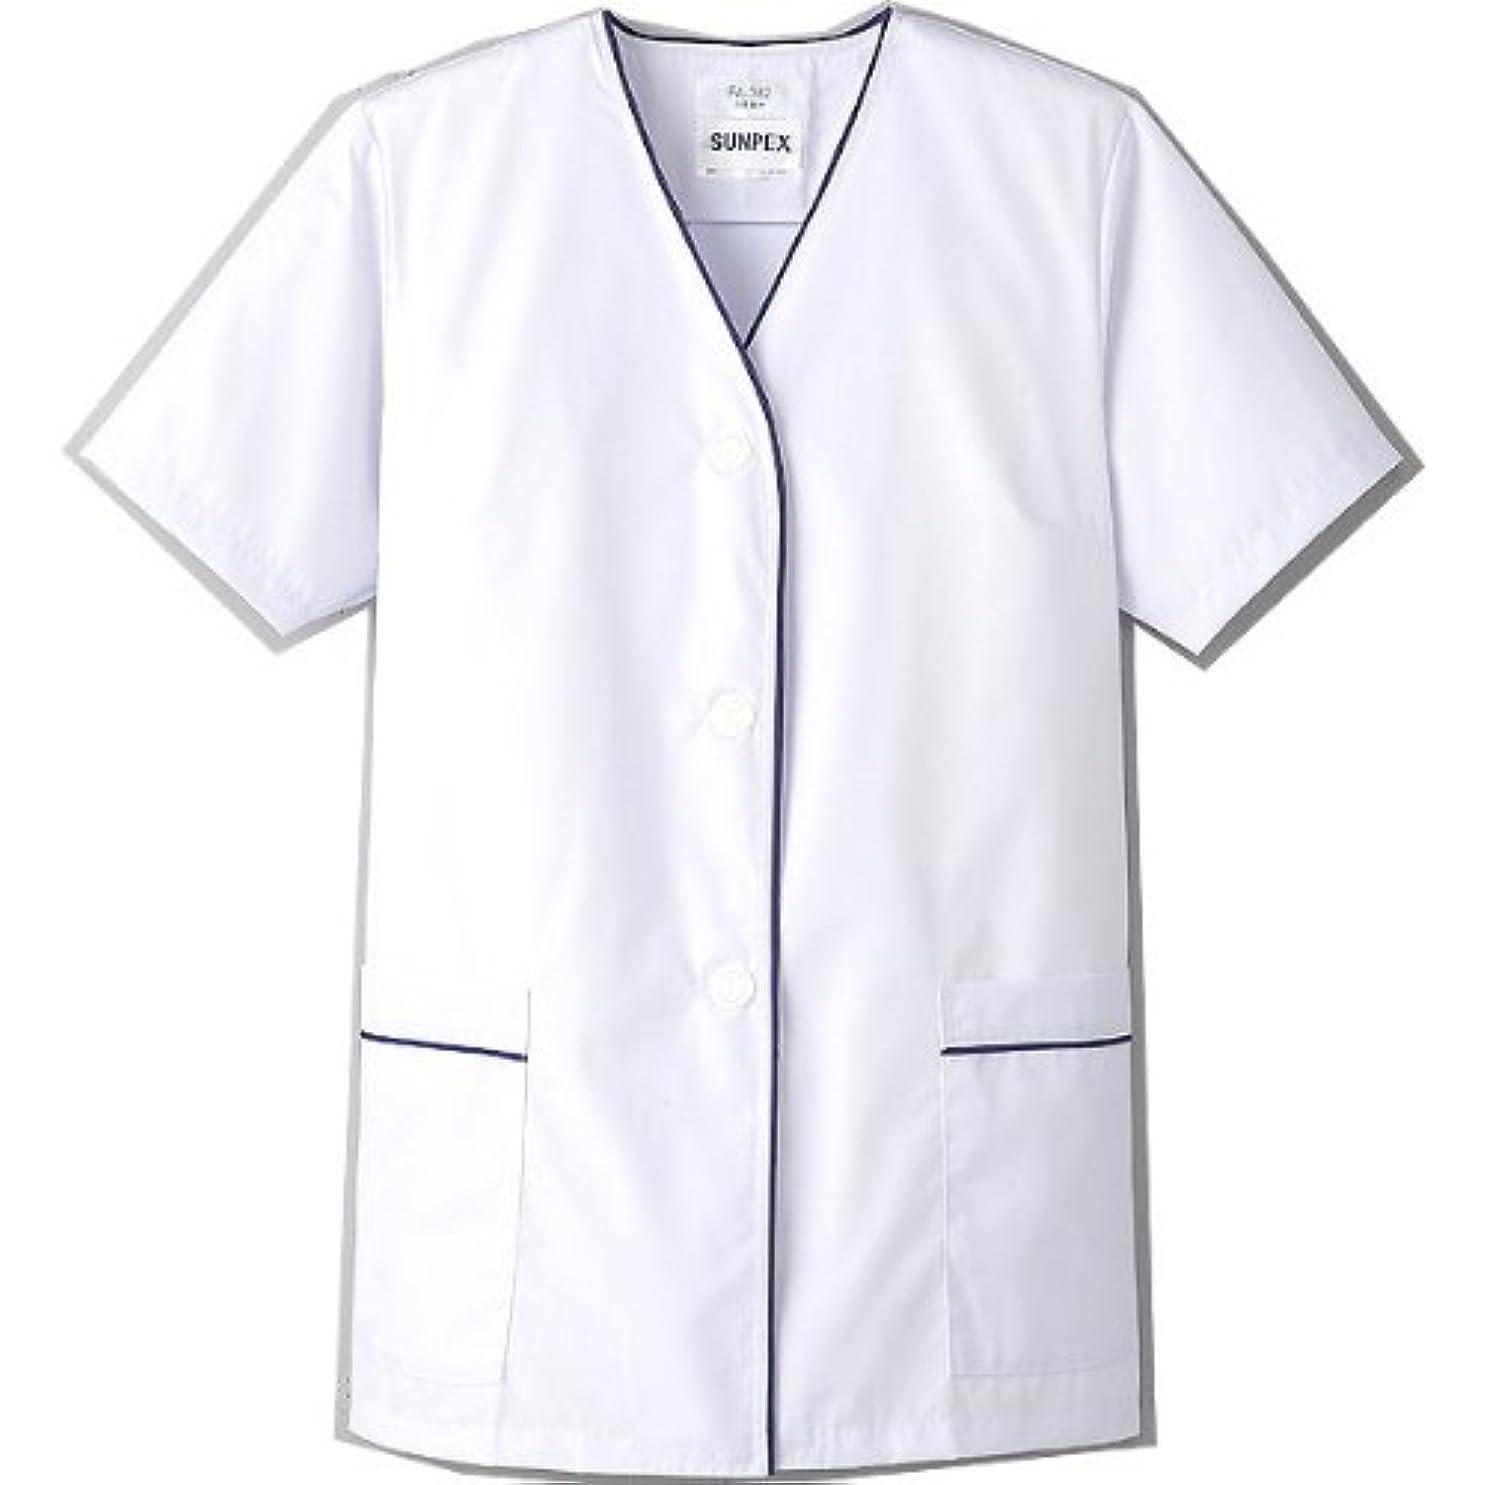 更新注文望まない快適に衛生管理をサポート!スタイル②【女性用 デザイン白衣】(半袖)《019-FA-382》